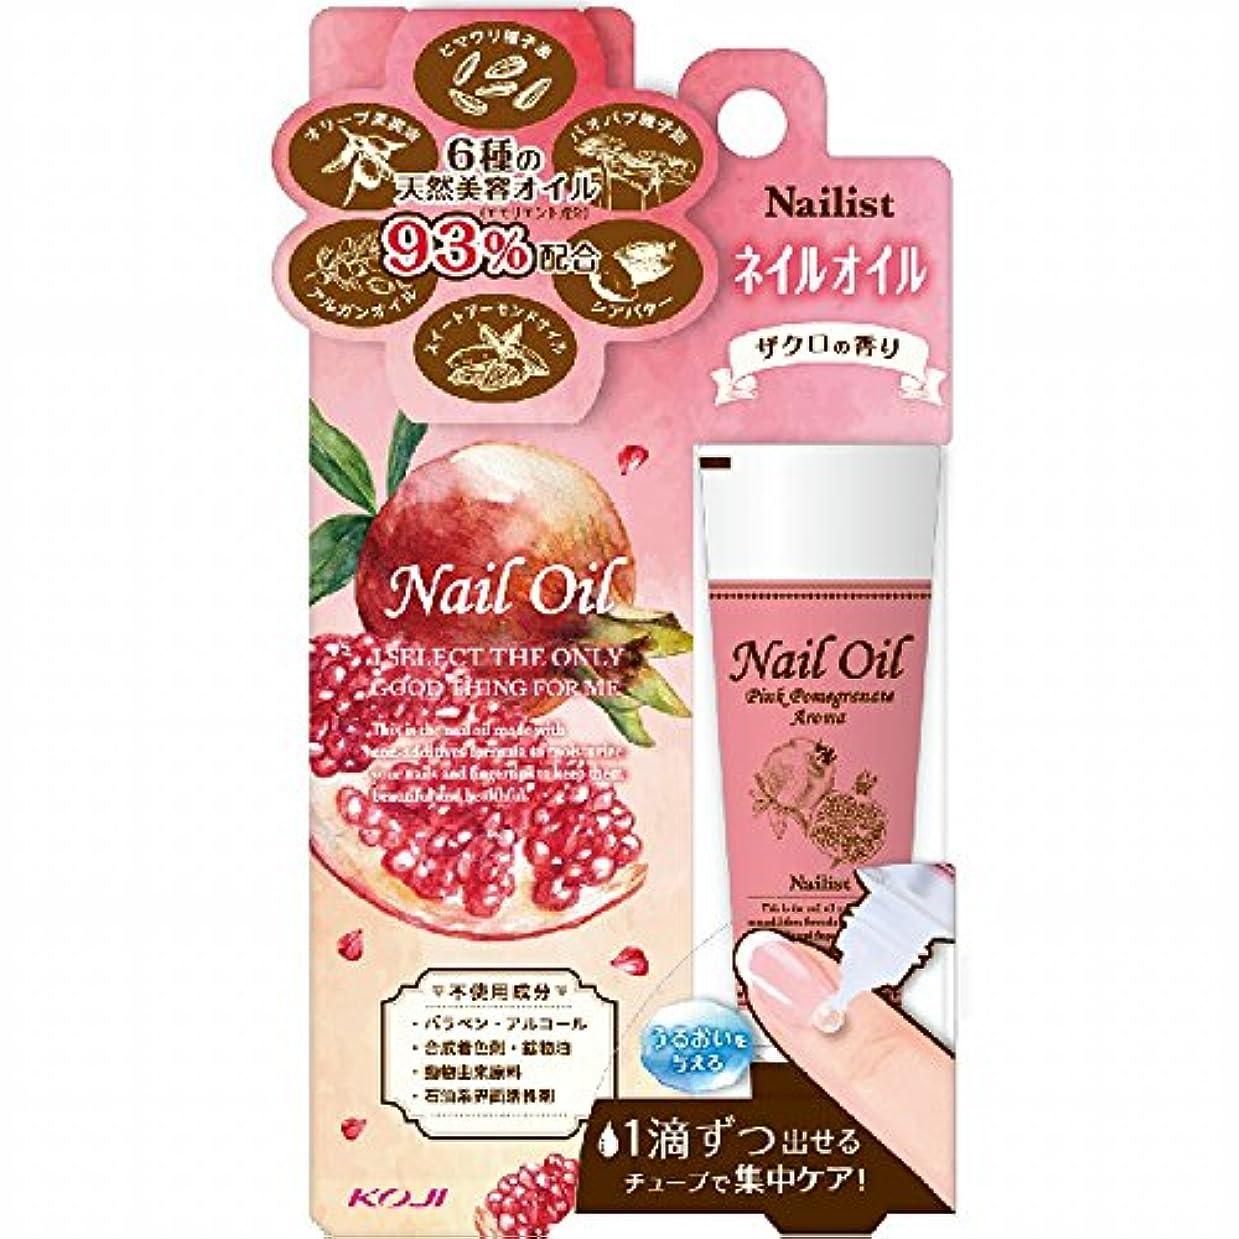 香り把握貴重なネイリスト エッセンスネイルオイル ピンクポメグラネート 7ml